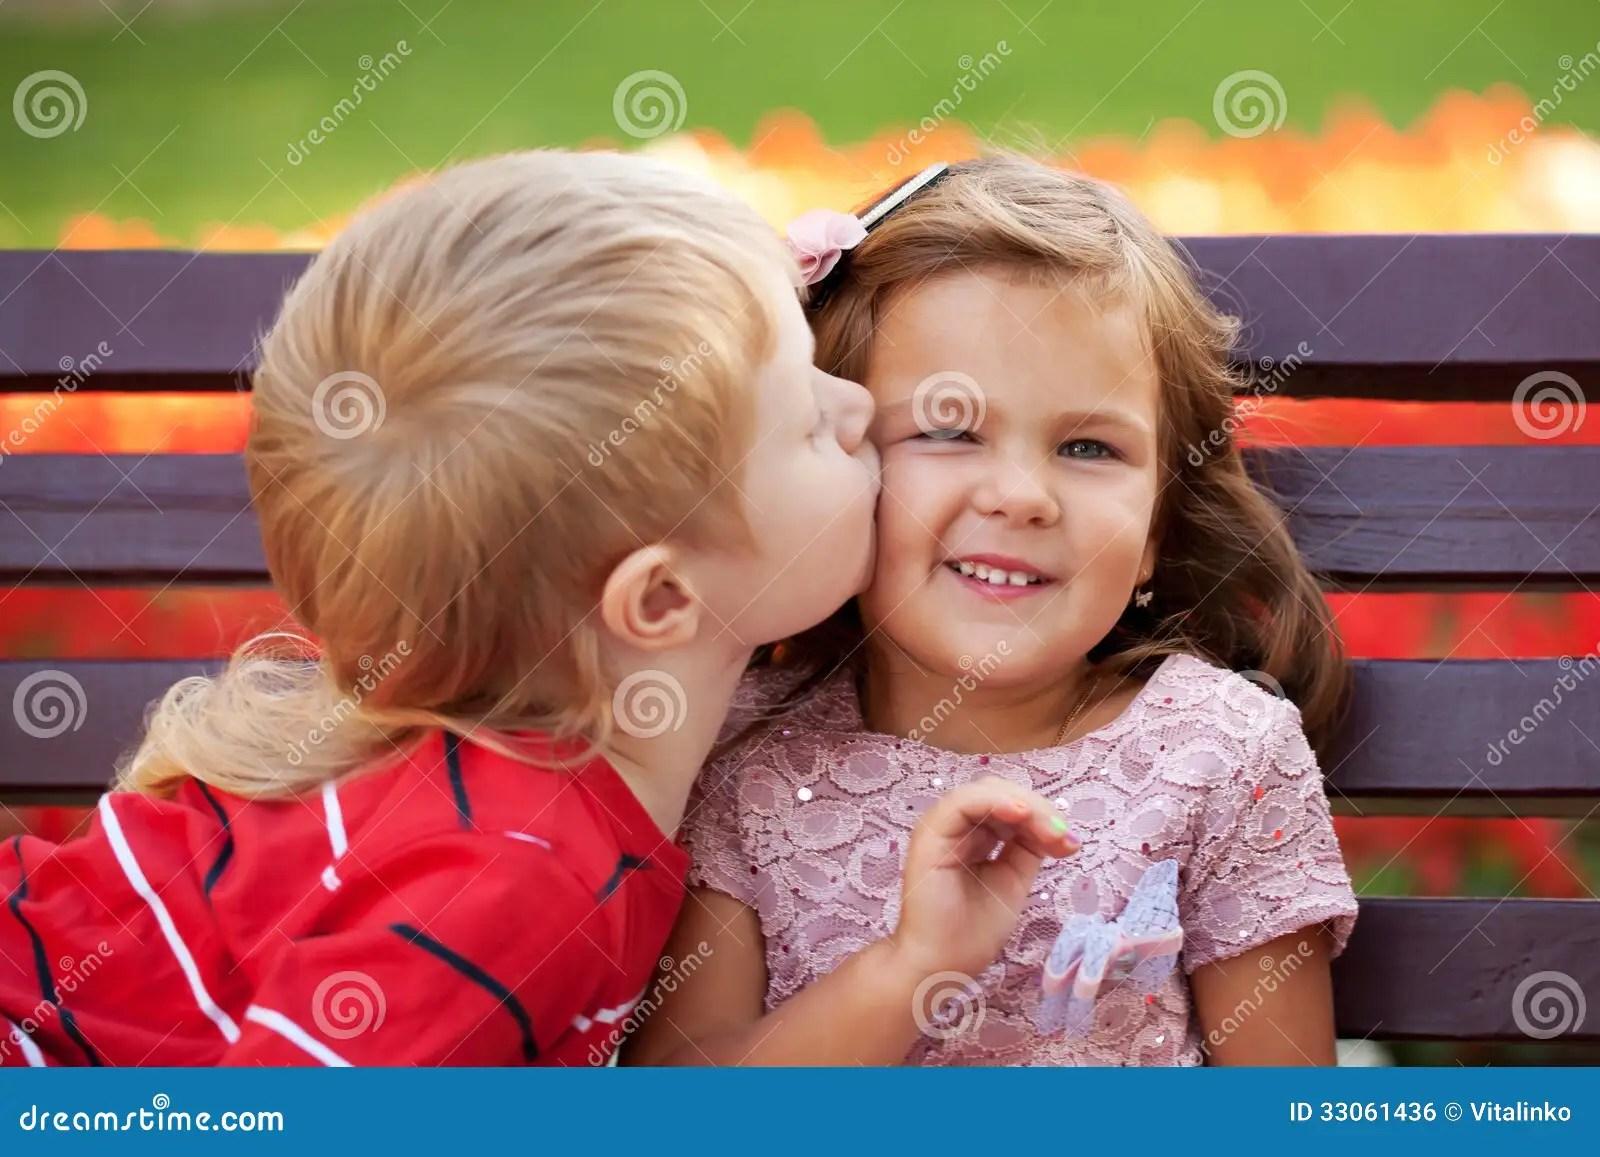 Girl Propose To Boy Wallpaper With Quotes Concetto Di Amore Coppie Dei Bambini Che Si Amano